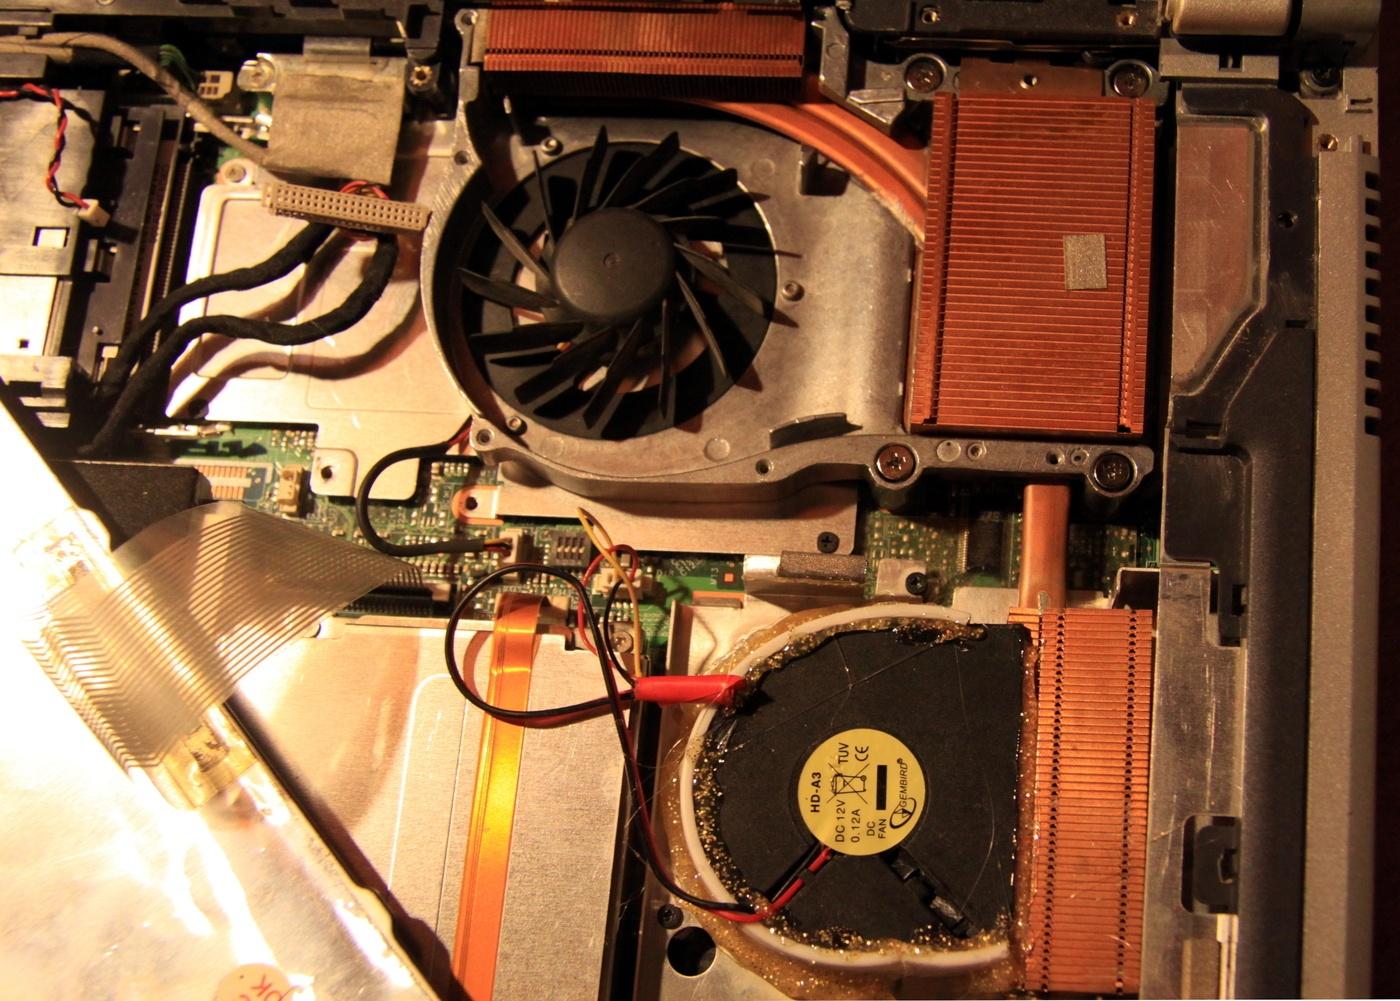 Обзор отечественного ноутбука iRU Brava-4215COMBO, выпущенного в 2004 году (Часть 1) - 17